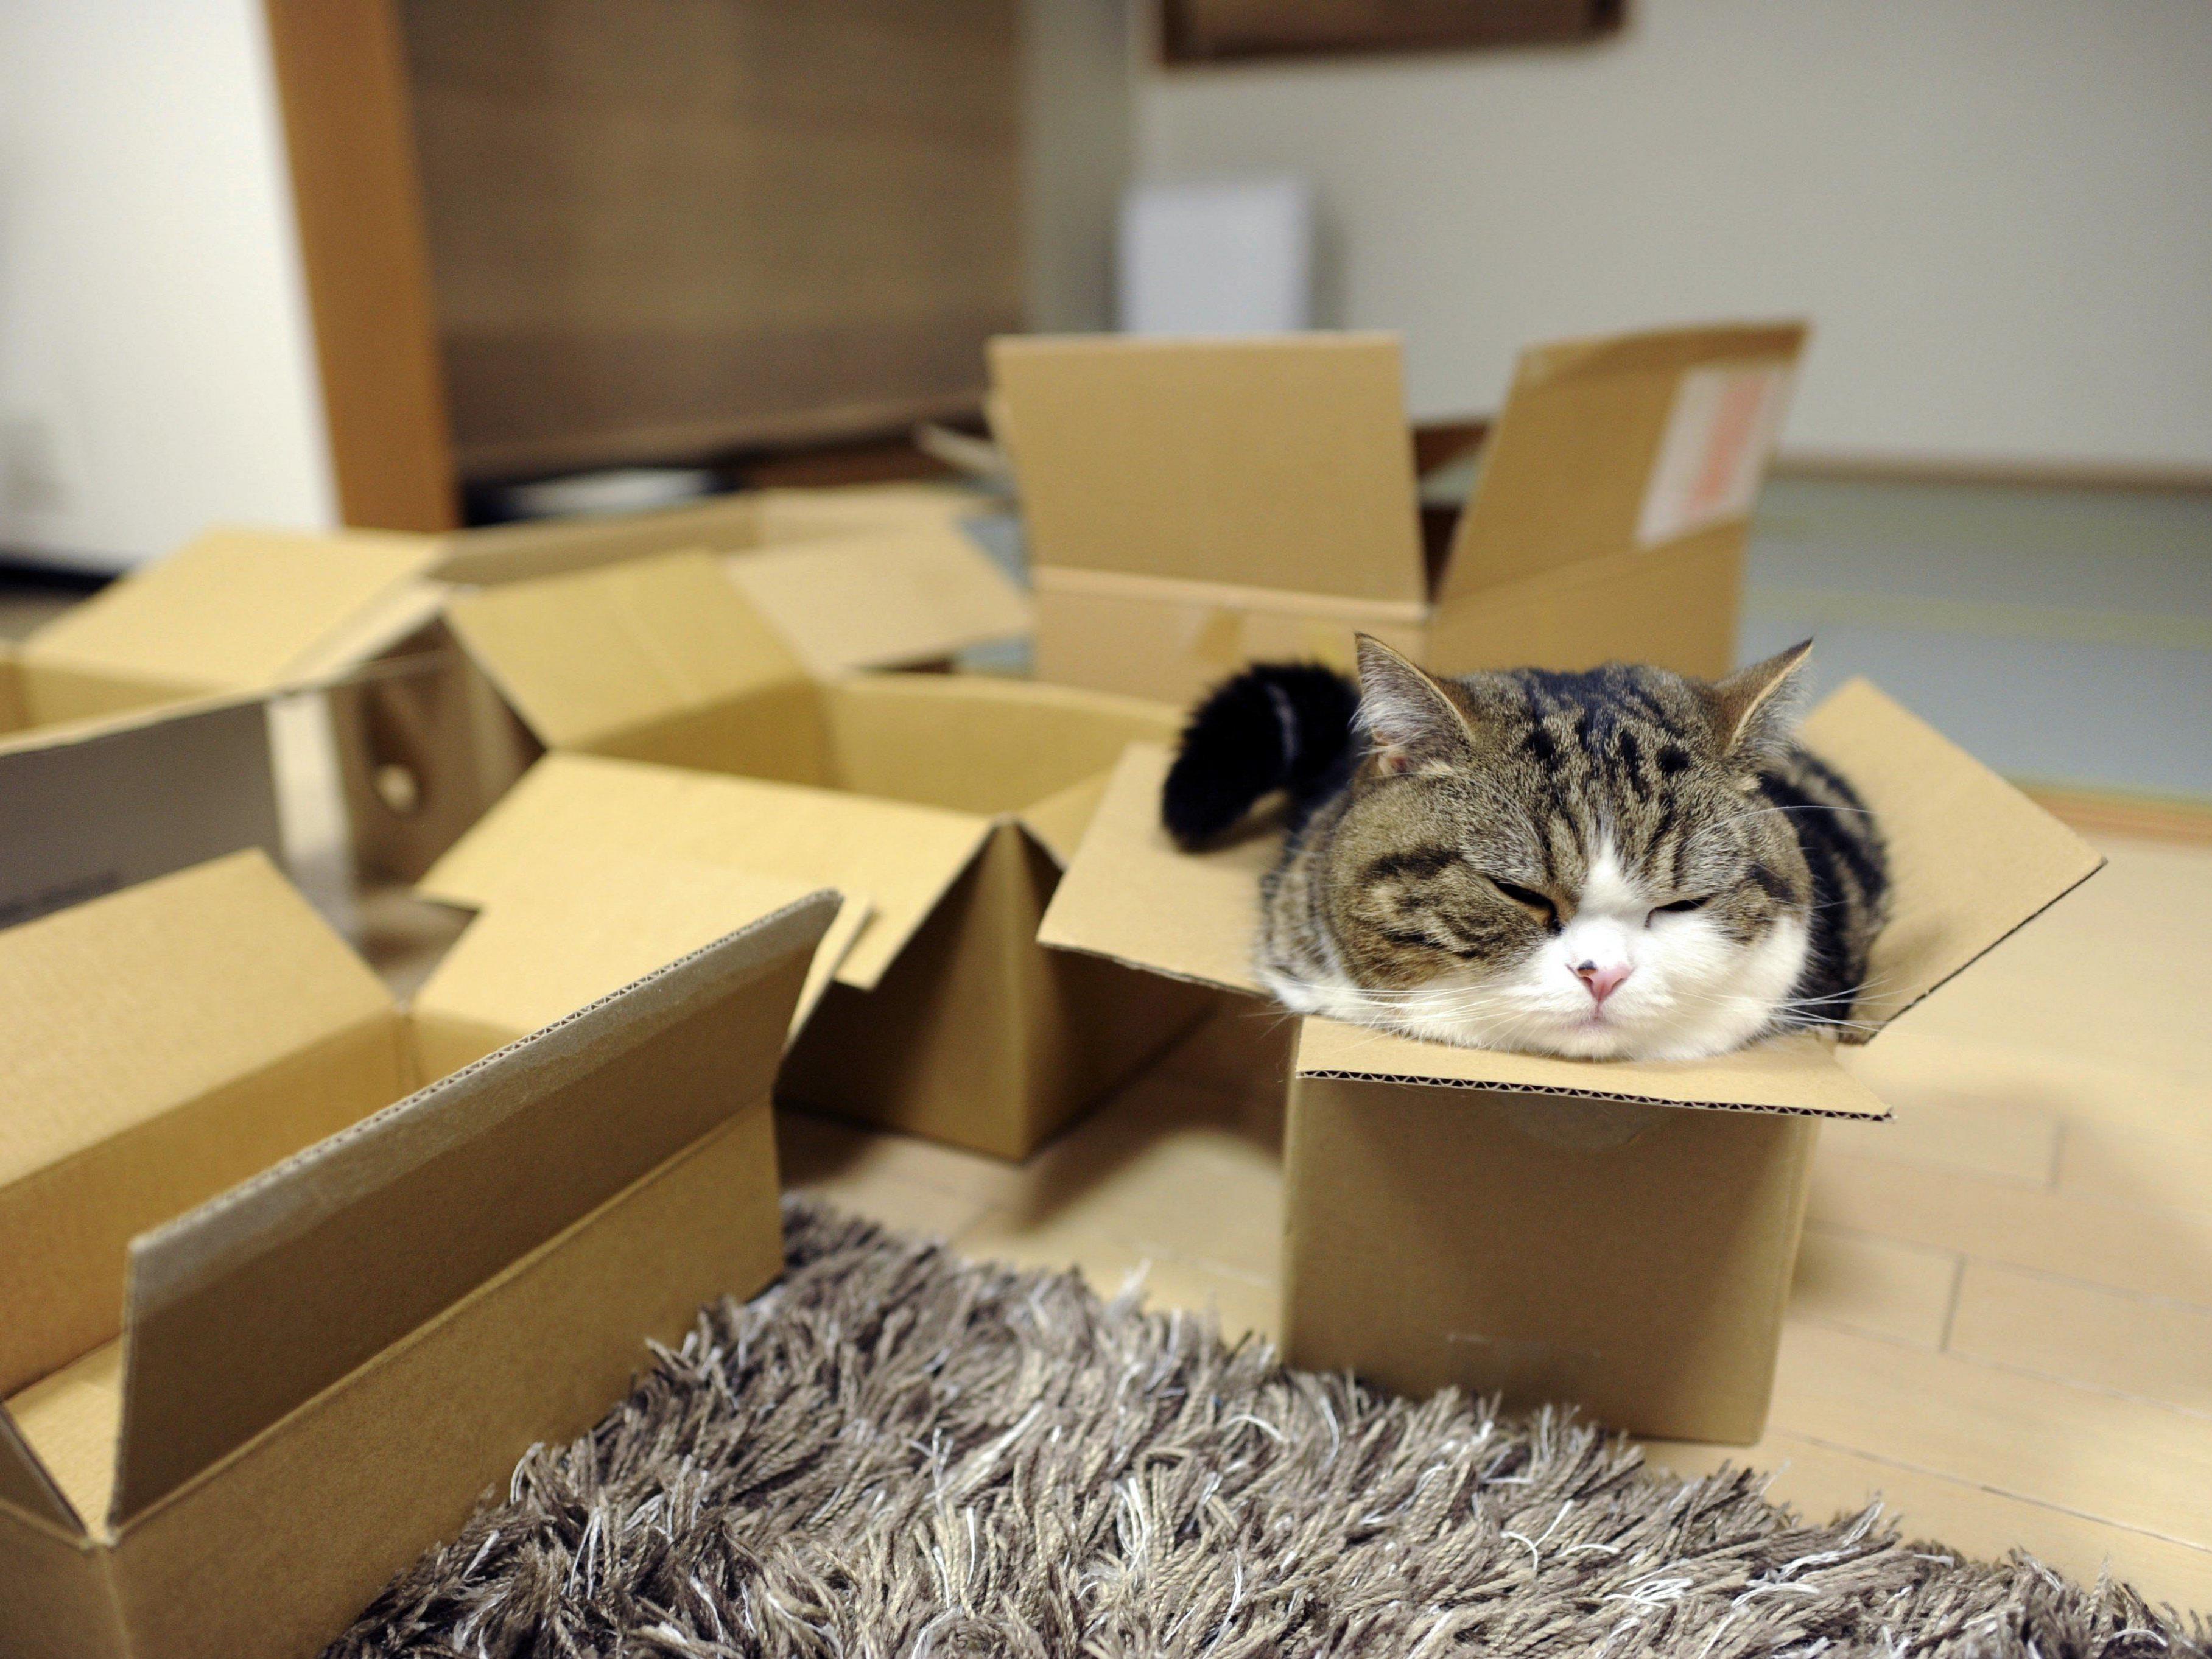 Eine der berühmtesten Katzen, die verrückt nach Boxen ist: Maru.